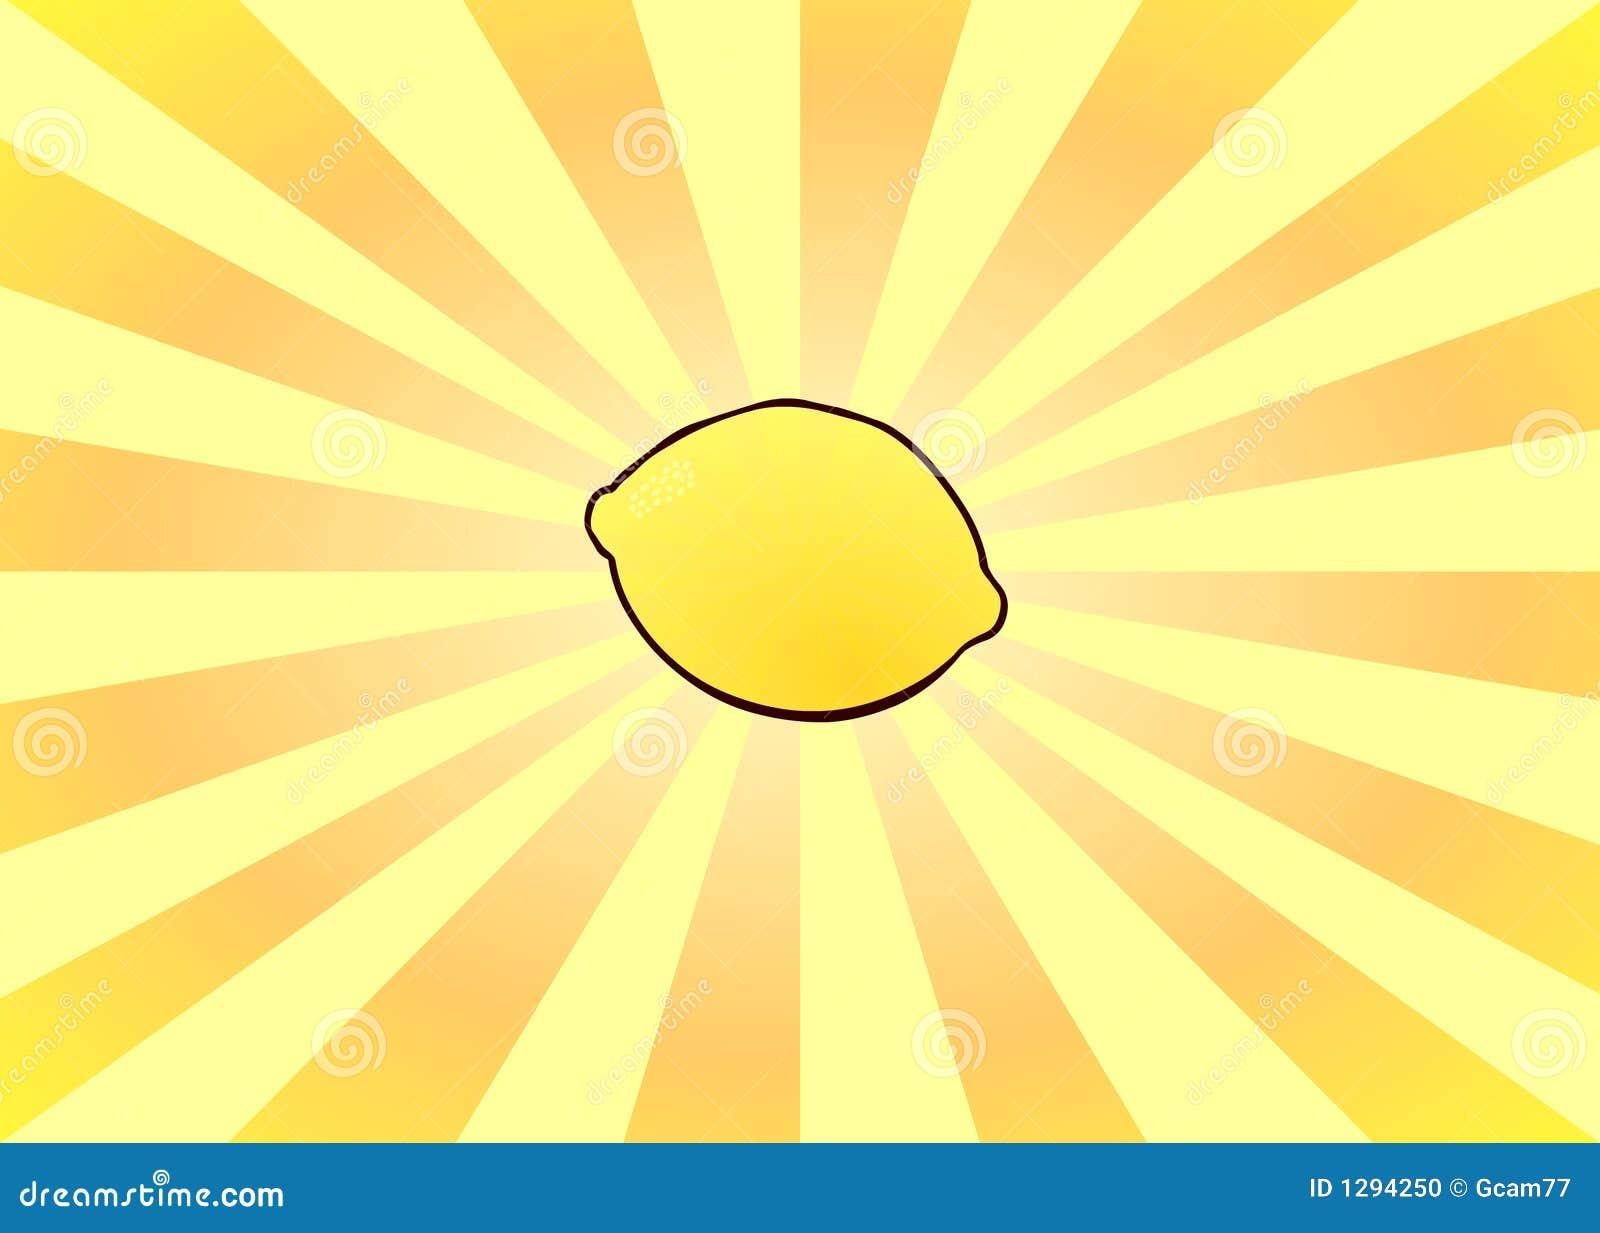 Limón radiante